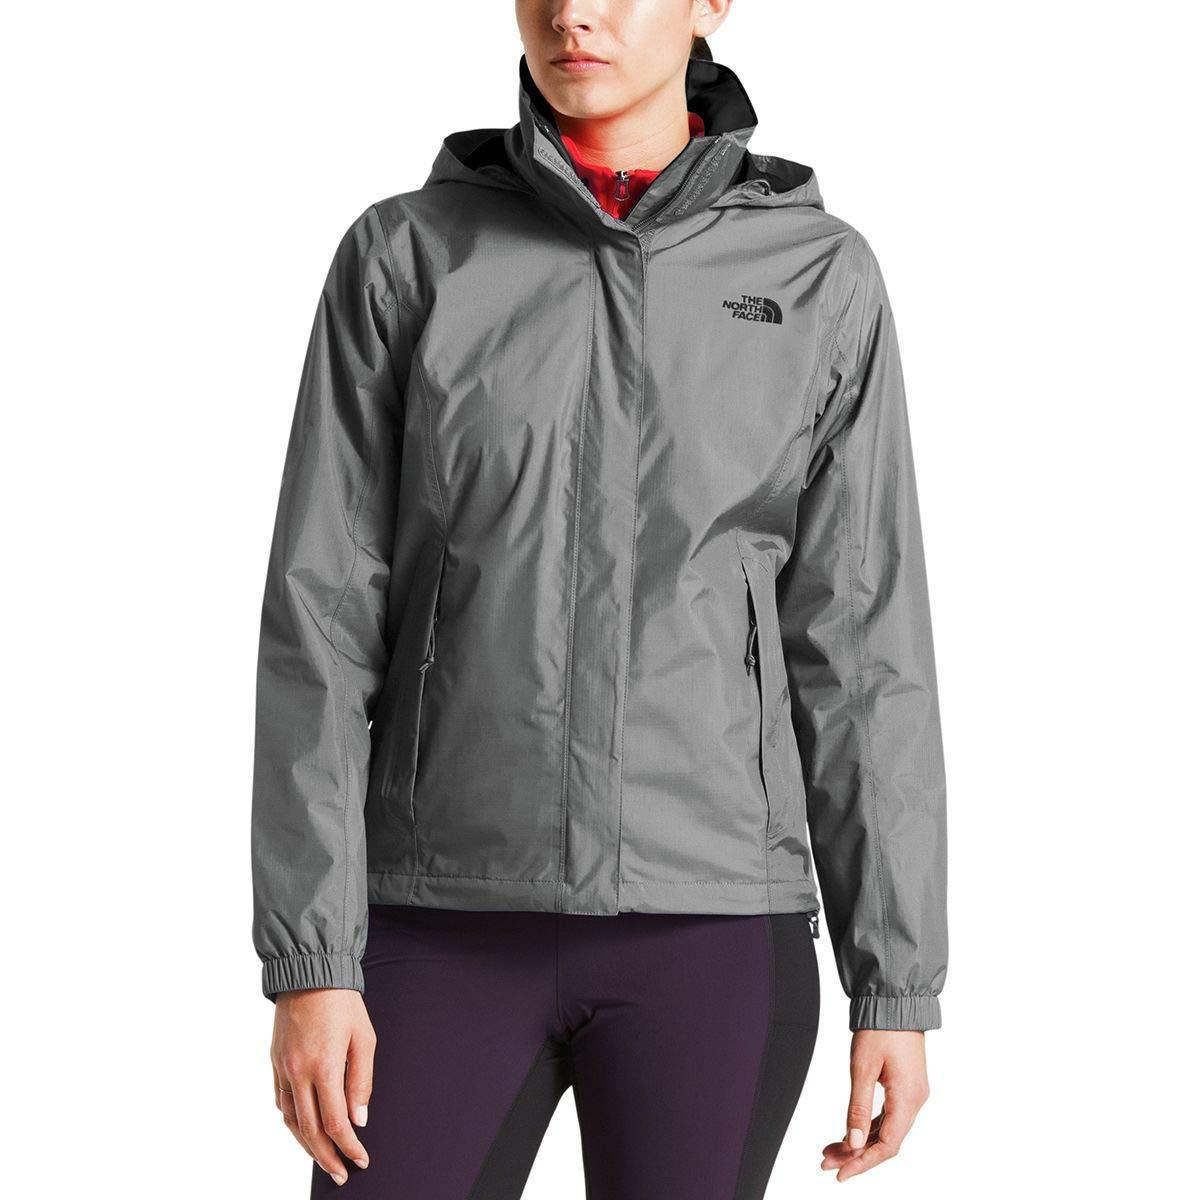 (ザノースフェイス) The North Face Resolve 2 Hooded Jacket レディース ジャケットTin Grey [並行輸入品]   B07KWW1NTR